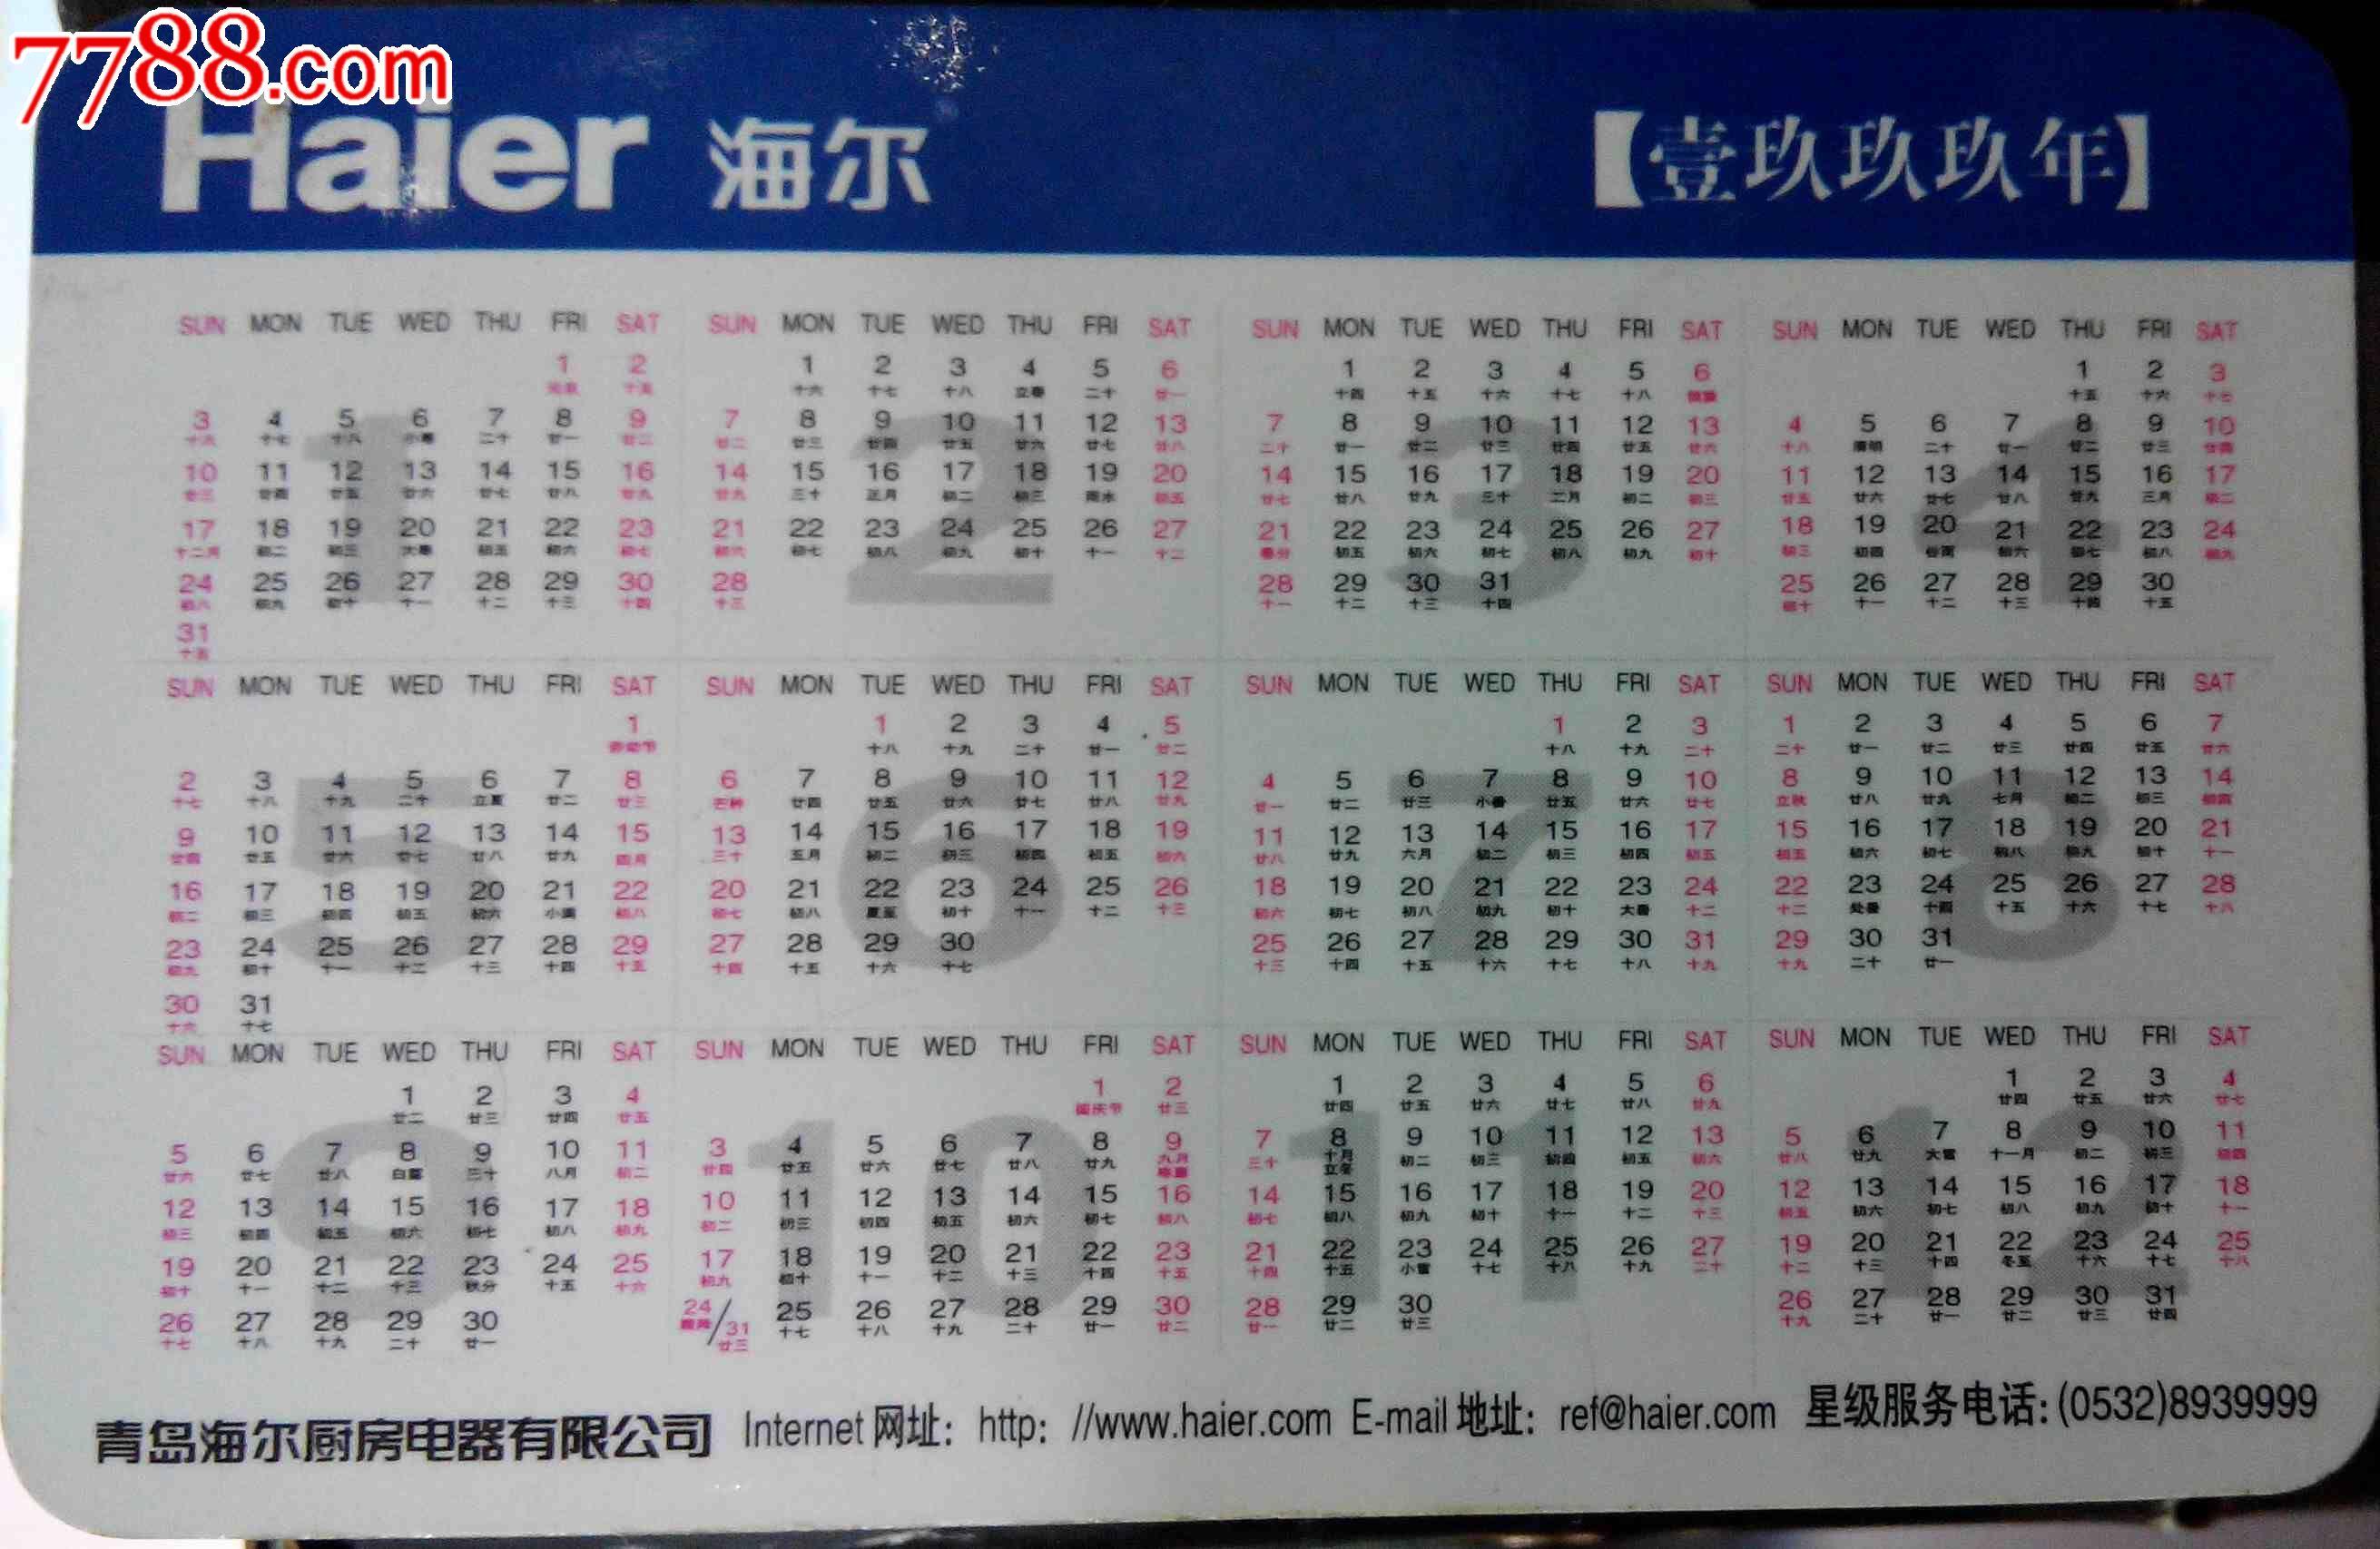 1999年海尔广告年历片(hh:120.2),年历卡/片,九十年代